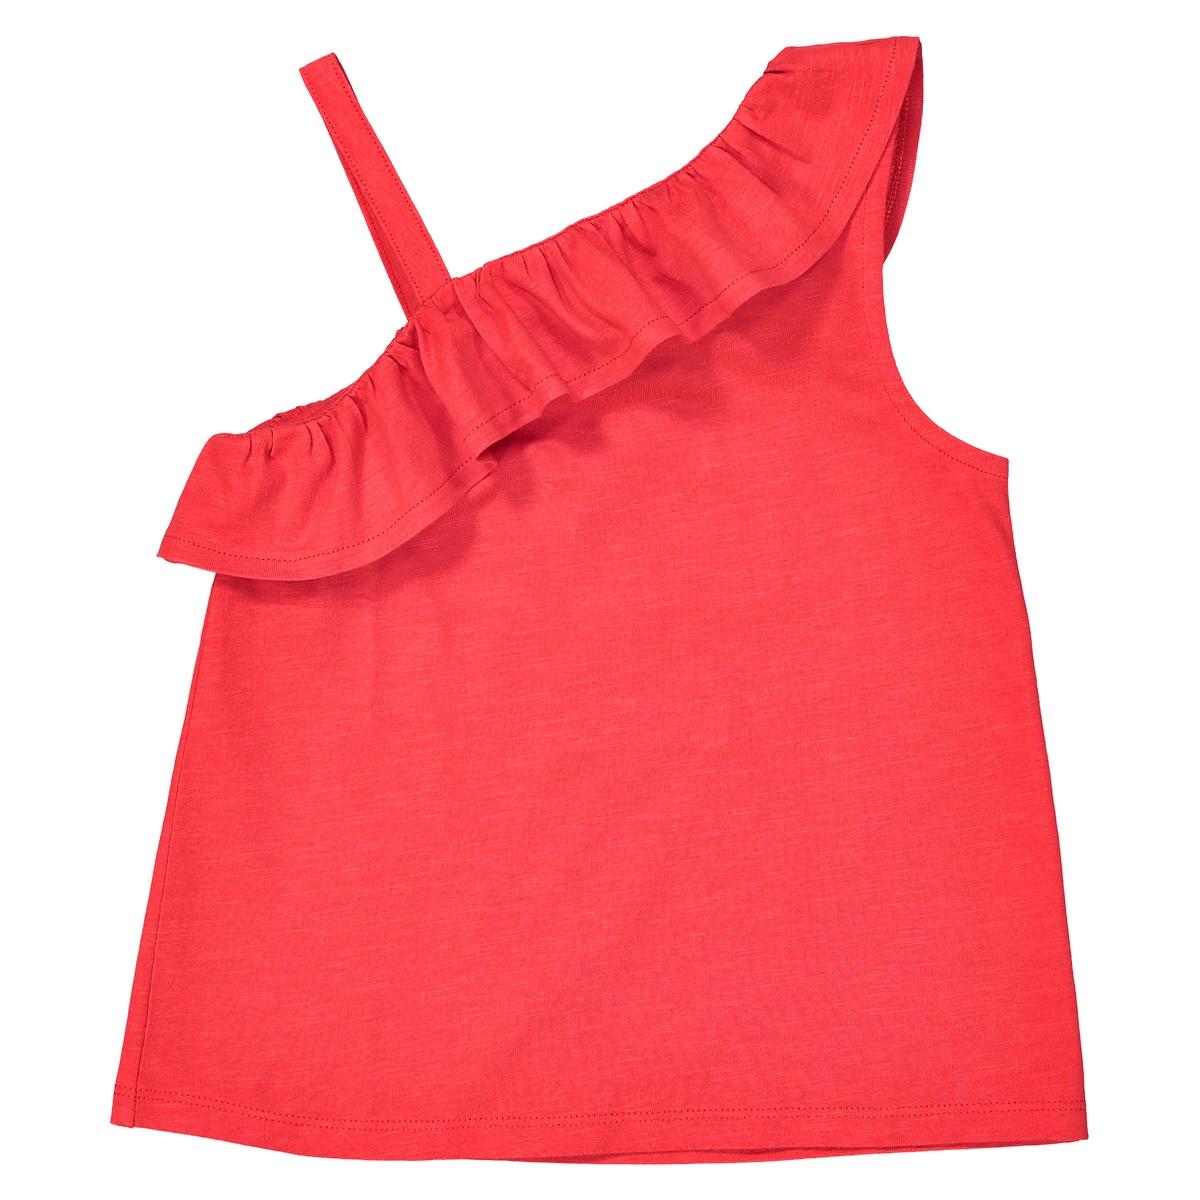 Топ с открытым плечом и воланом 3-12 лет футболка однотонная с открытым плечом